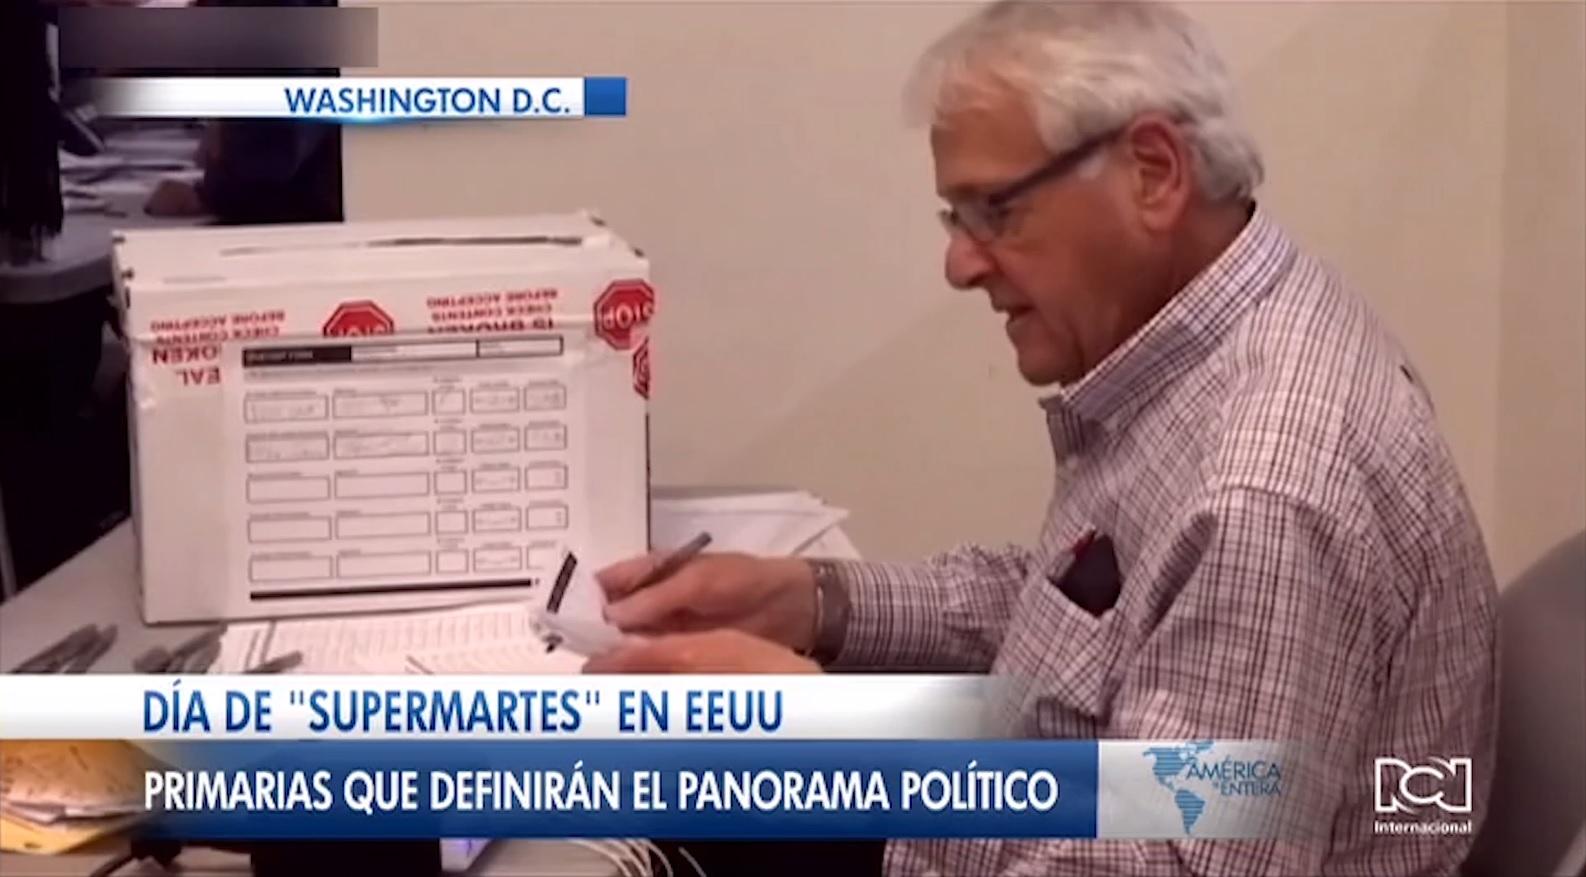 Supermartes en Estados Unidos: 14 estados de la Unión Americana celebran elecciones primarias